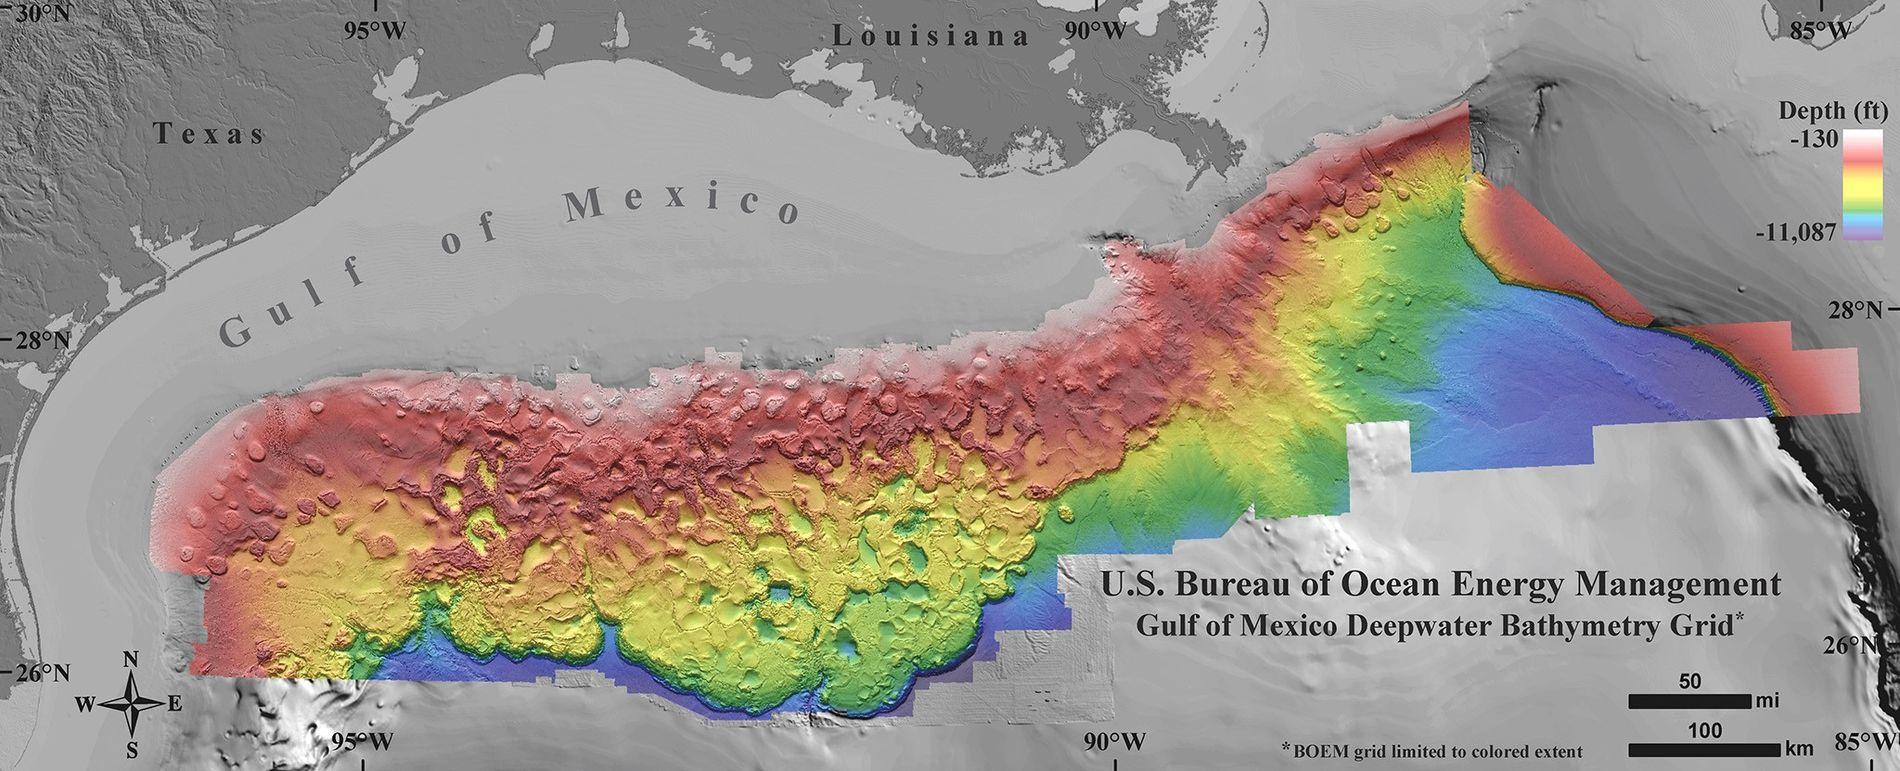 Hochauflösende Karte des Meeresbodens vom Golf von Mexiko